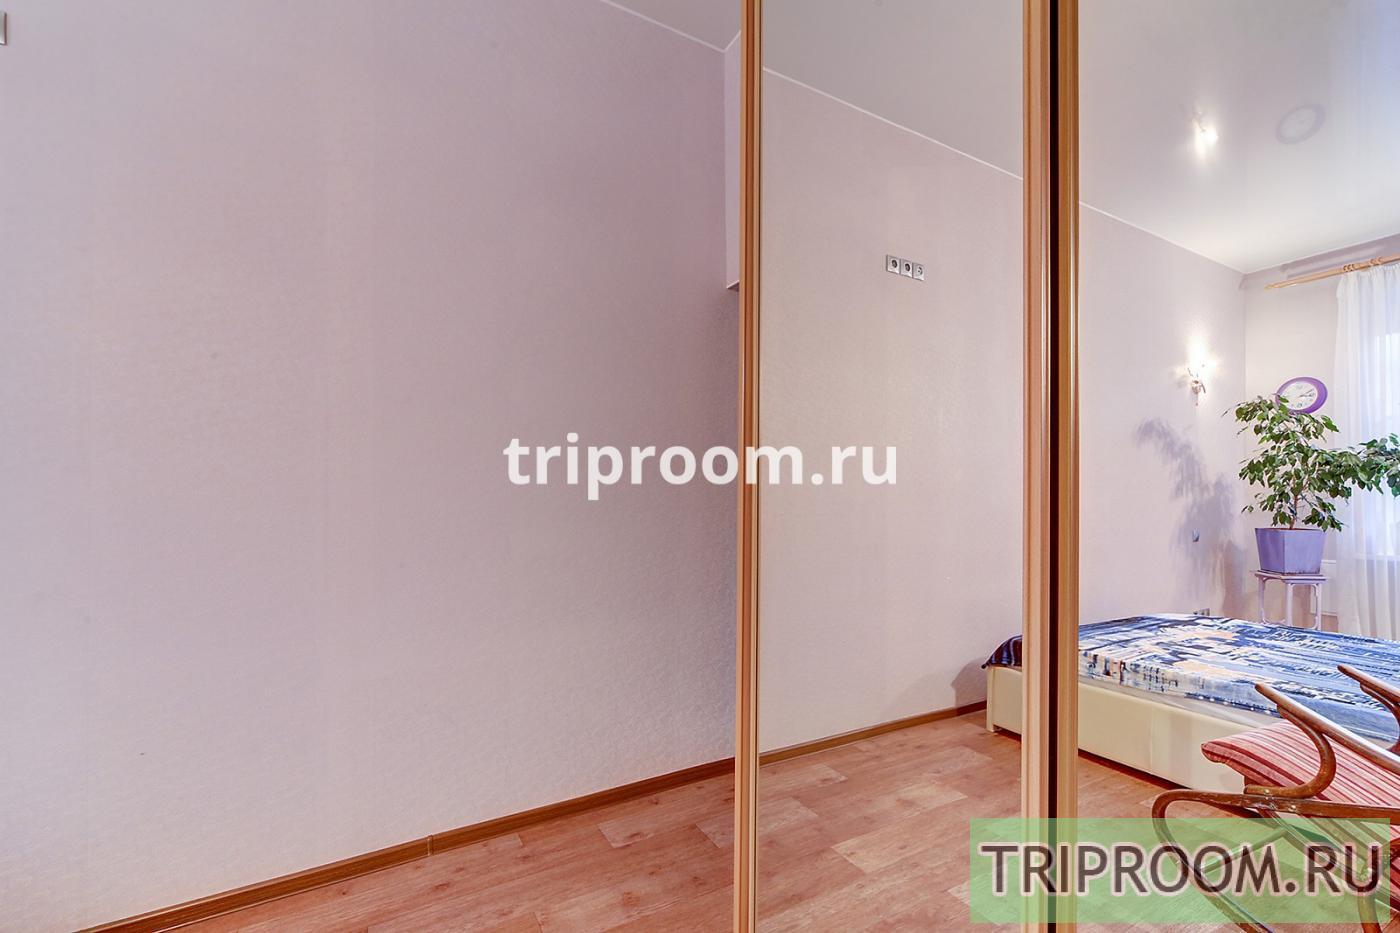 2-комнатная квартира посуточно (вариант № 15459), ул. Адмиралтейская набережная, фото № 13